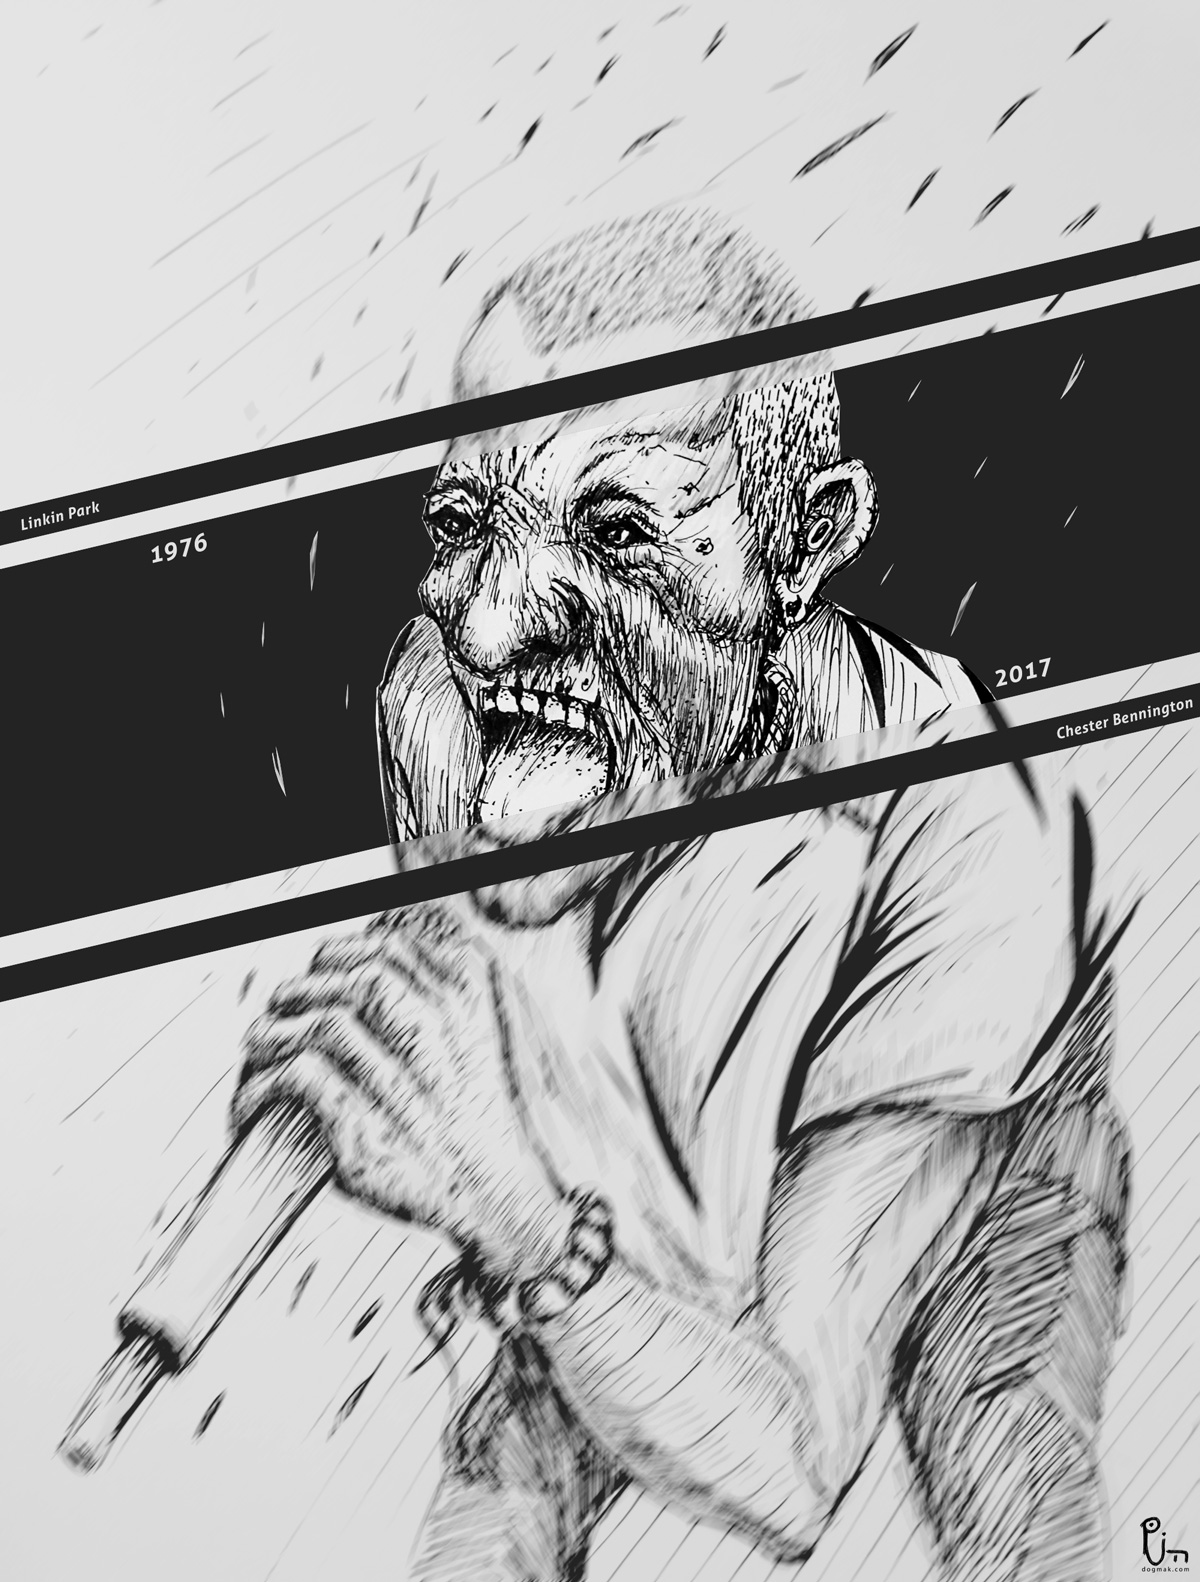 Linkin Park Ricardo Imbachi Mera Concept Art Diseño de Personajes Chester Bennington